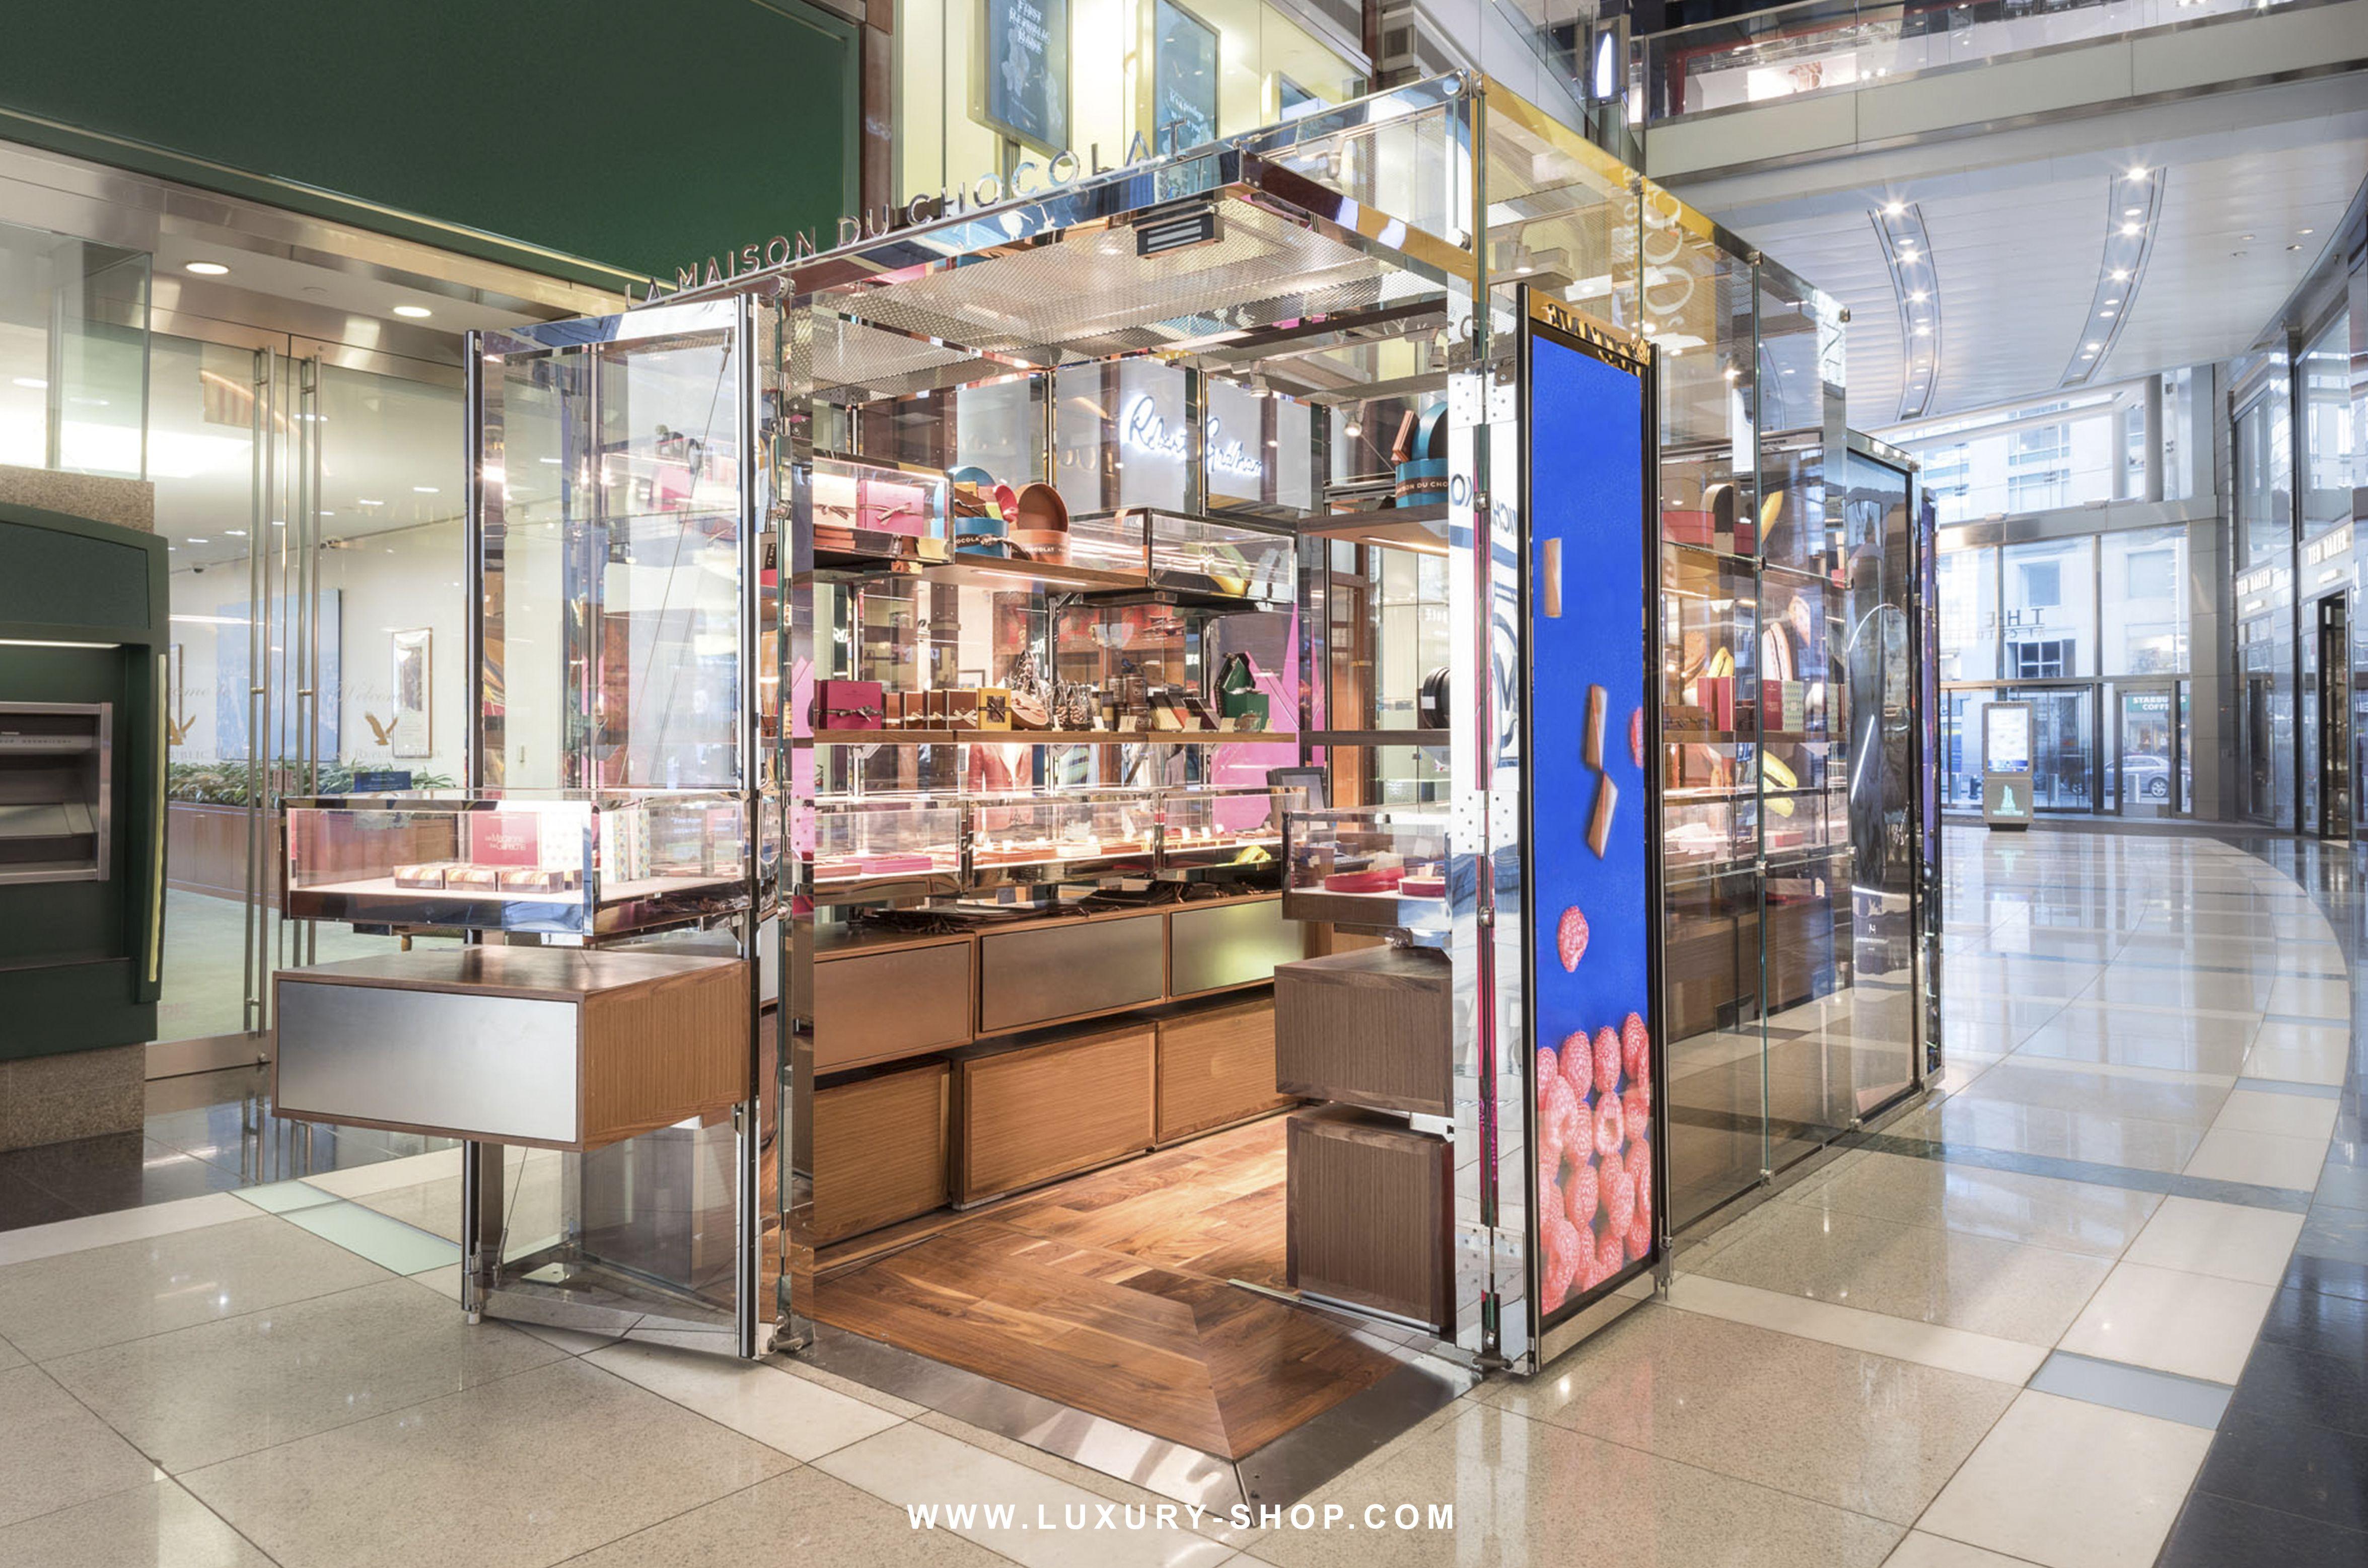 La Maison Du Chocolat Luxury PopUp Shop at Time Warner